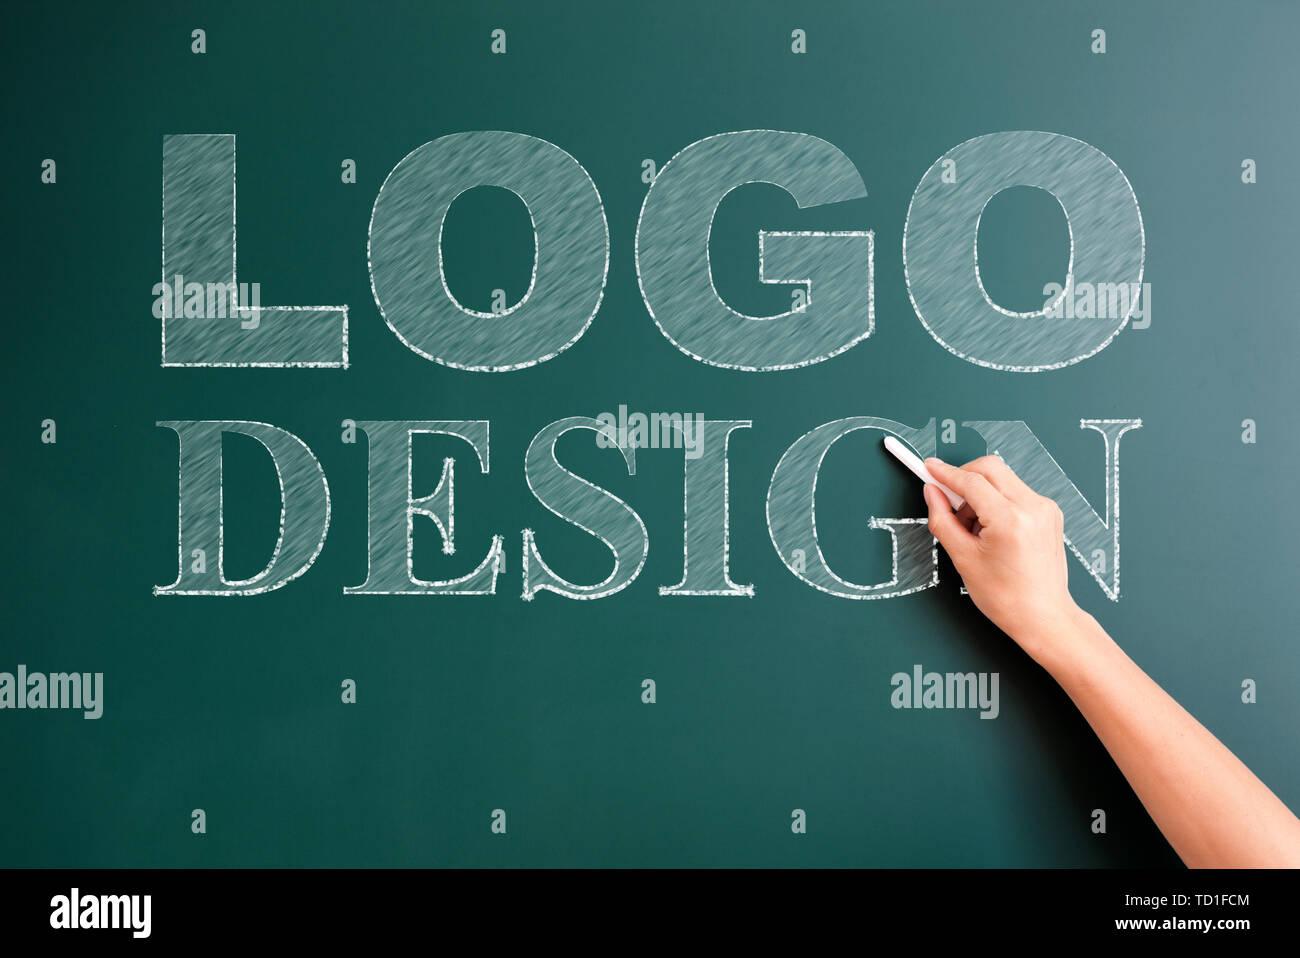 logo written on blackboard - Stock Image